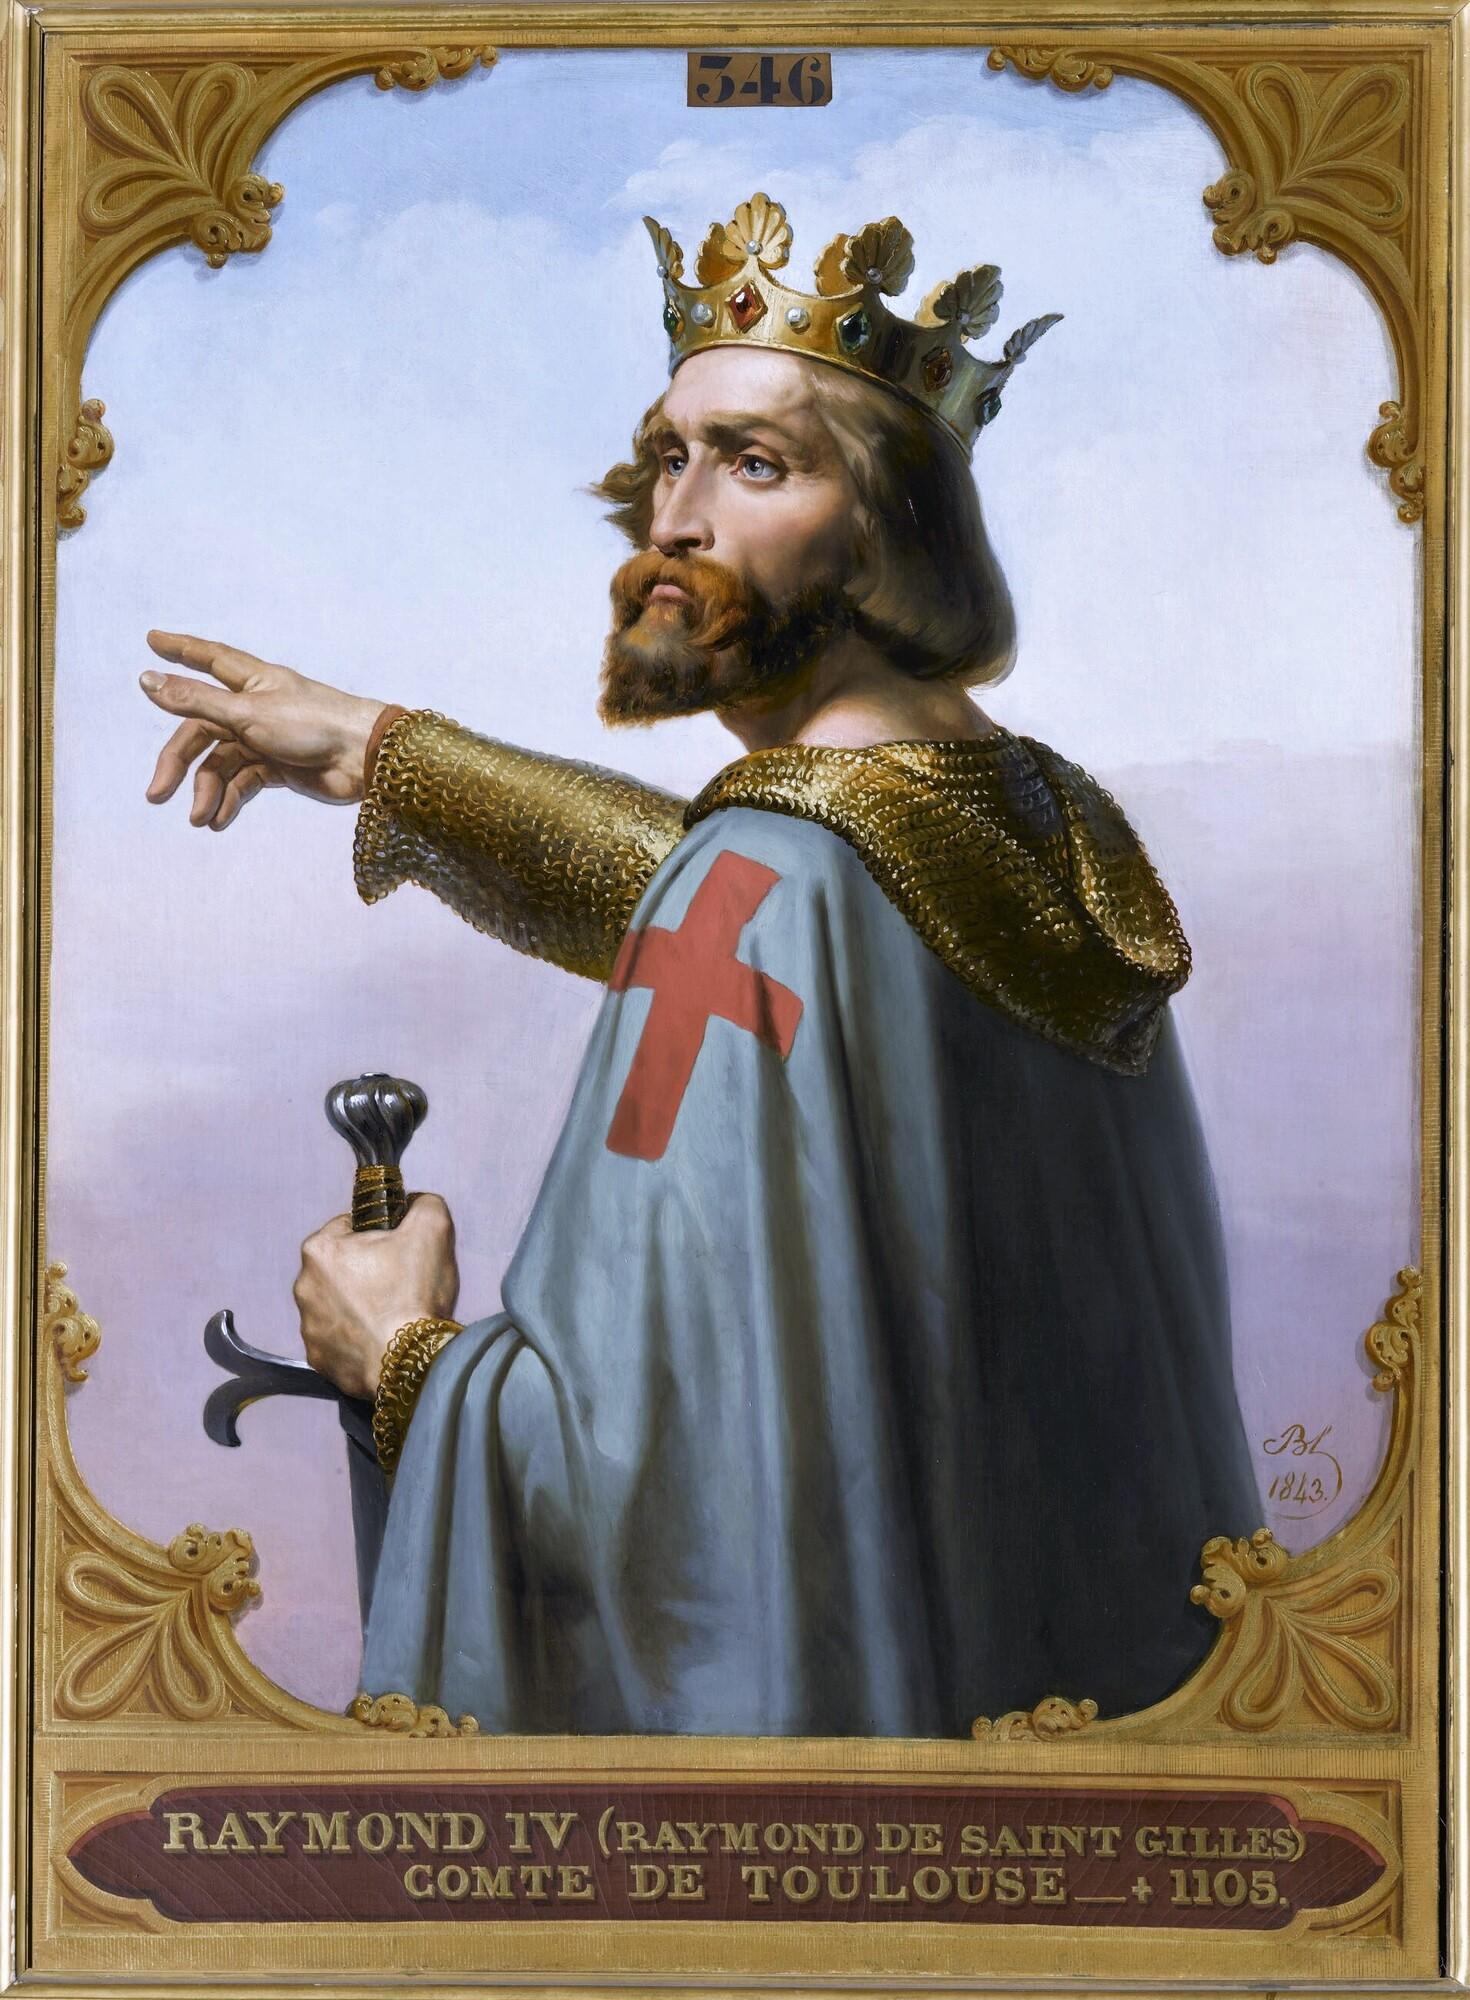 Raymond IV de Saint-Gilles, comte de Toulouse (?-1105). Peintre : Merry-Joseph Blondel.